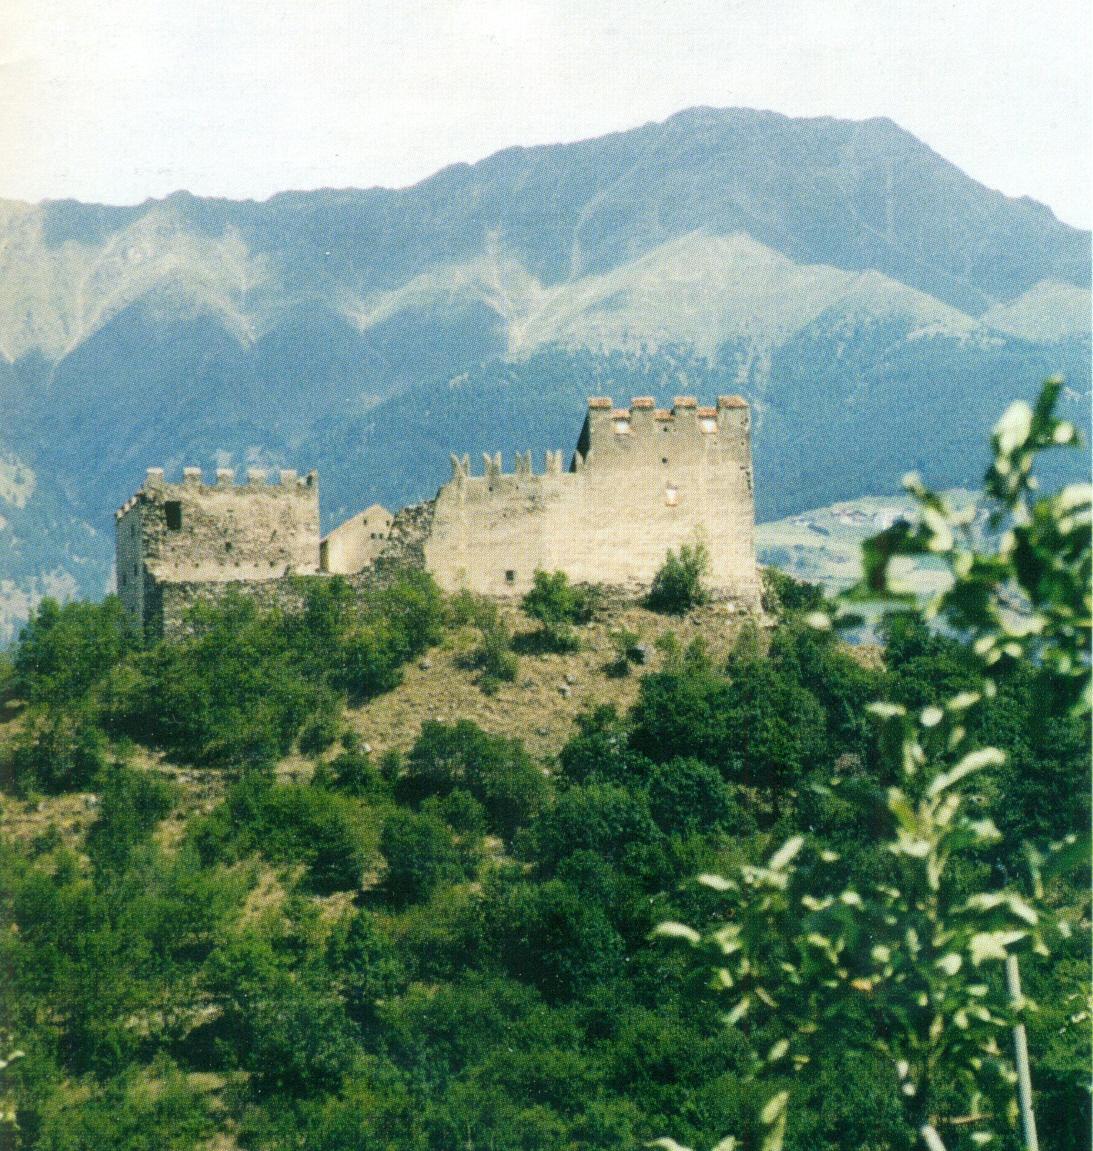 Die Burg Obermontani, in beherrschender Lage am Eingang des Martelltales bei Morter im Vinschgau, beherbergte eine wertvolle Bibliothek. Diese wurde um 1833 aufgelöst, der Bestand an Handschriften und Büchern verkauft und unwiederbringlich zerstreut.